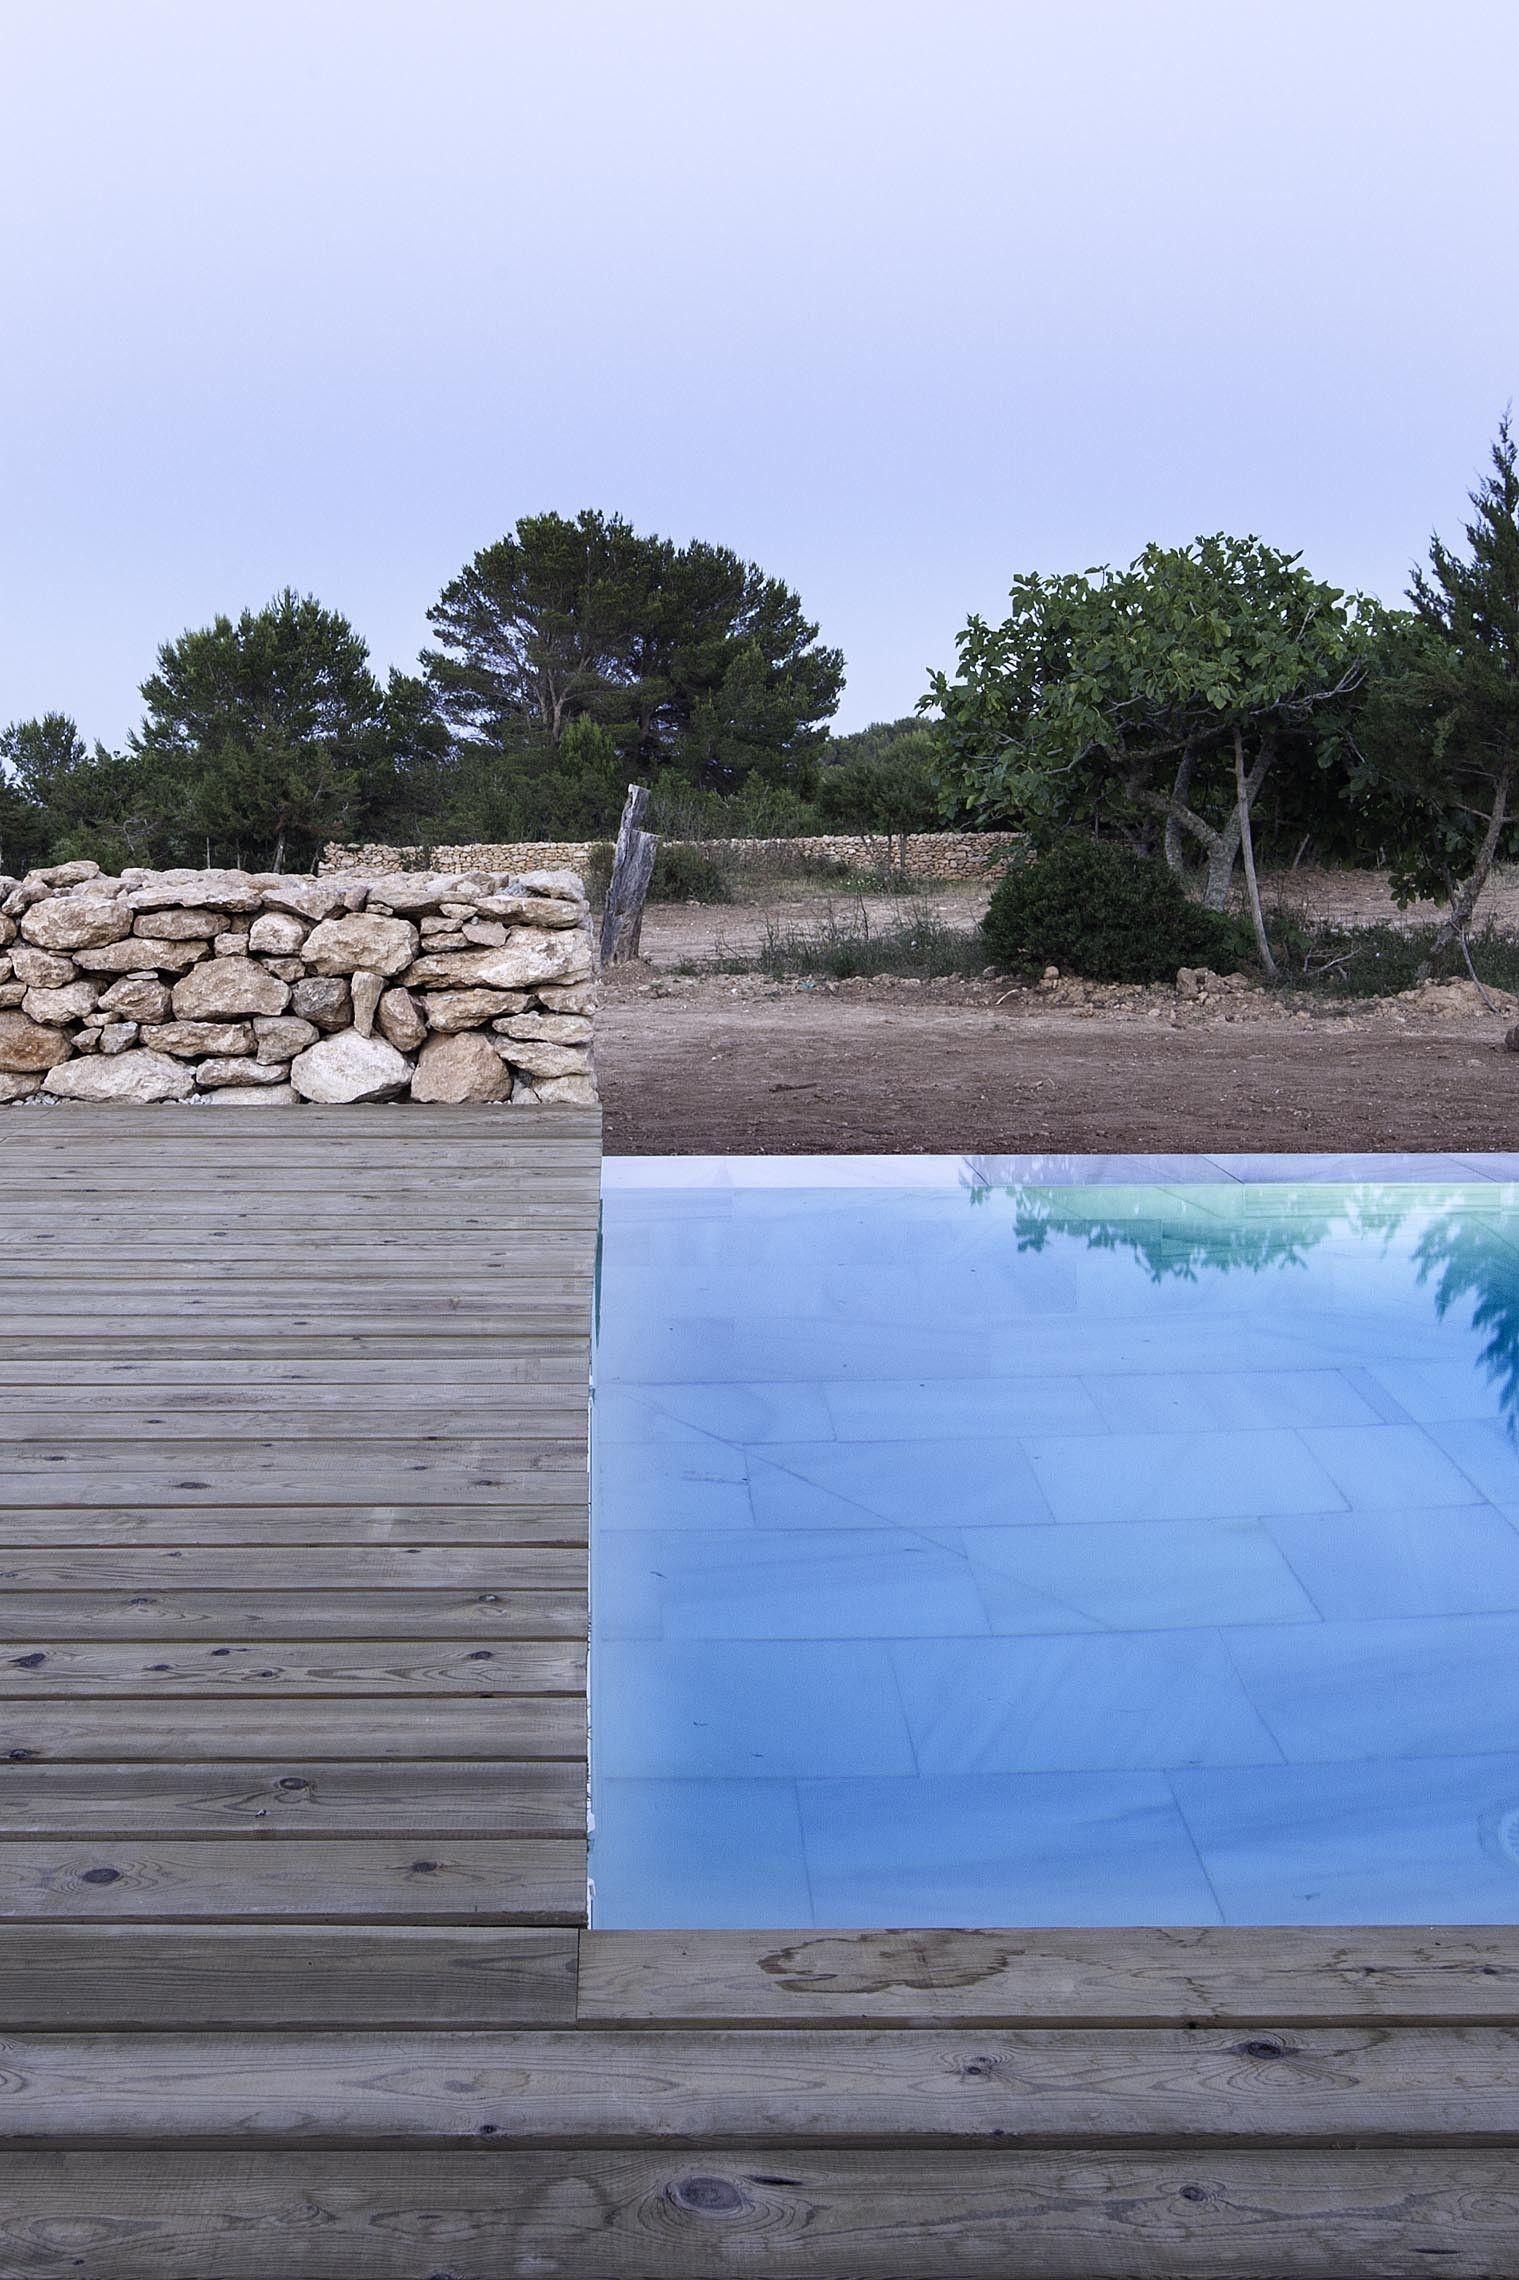 Galería - Arquitectura y Paisaje: Piscina en Formentera por Marià Castelló Martínez - 21